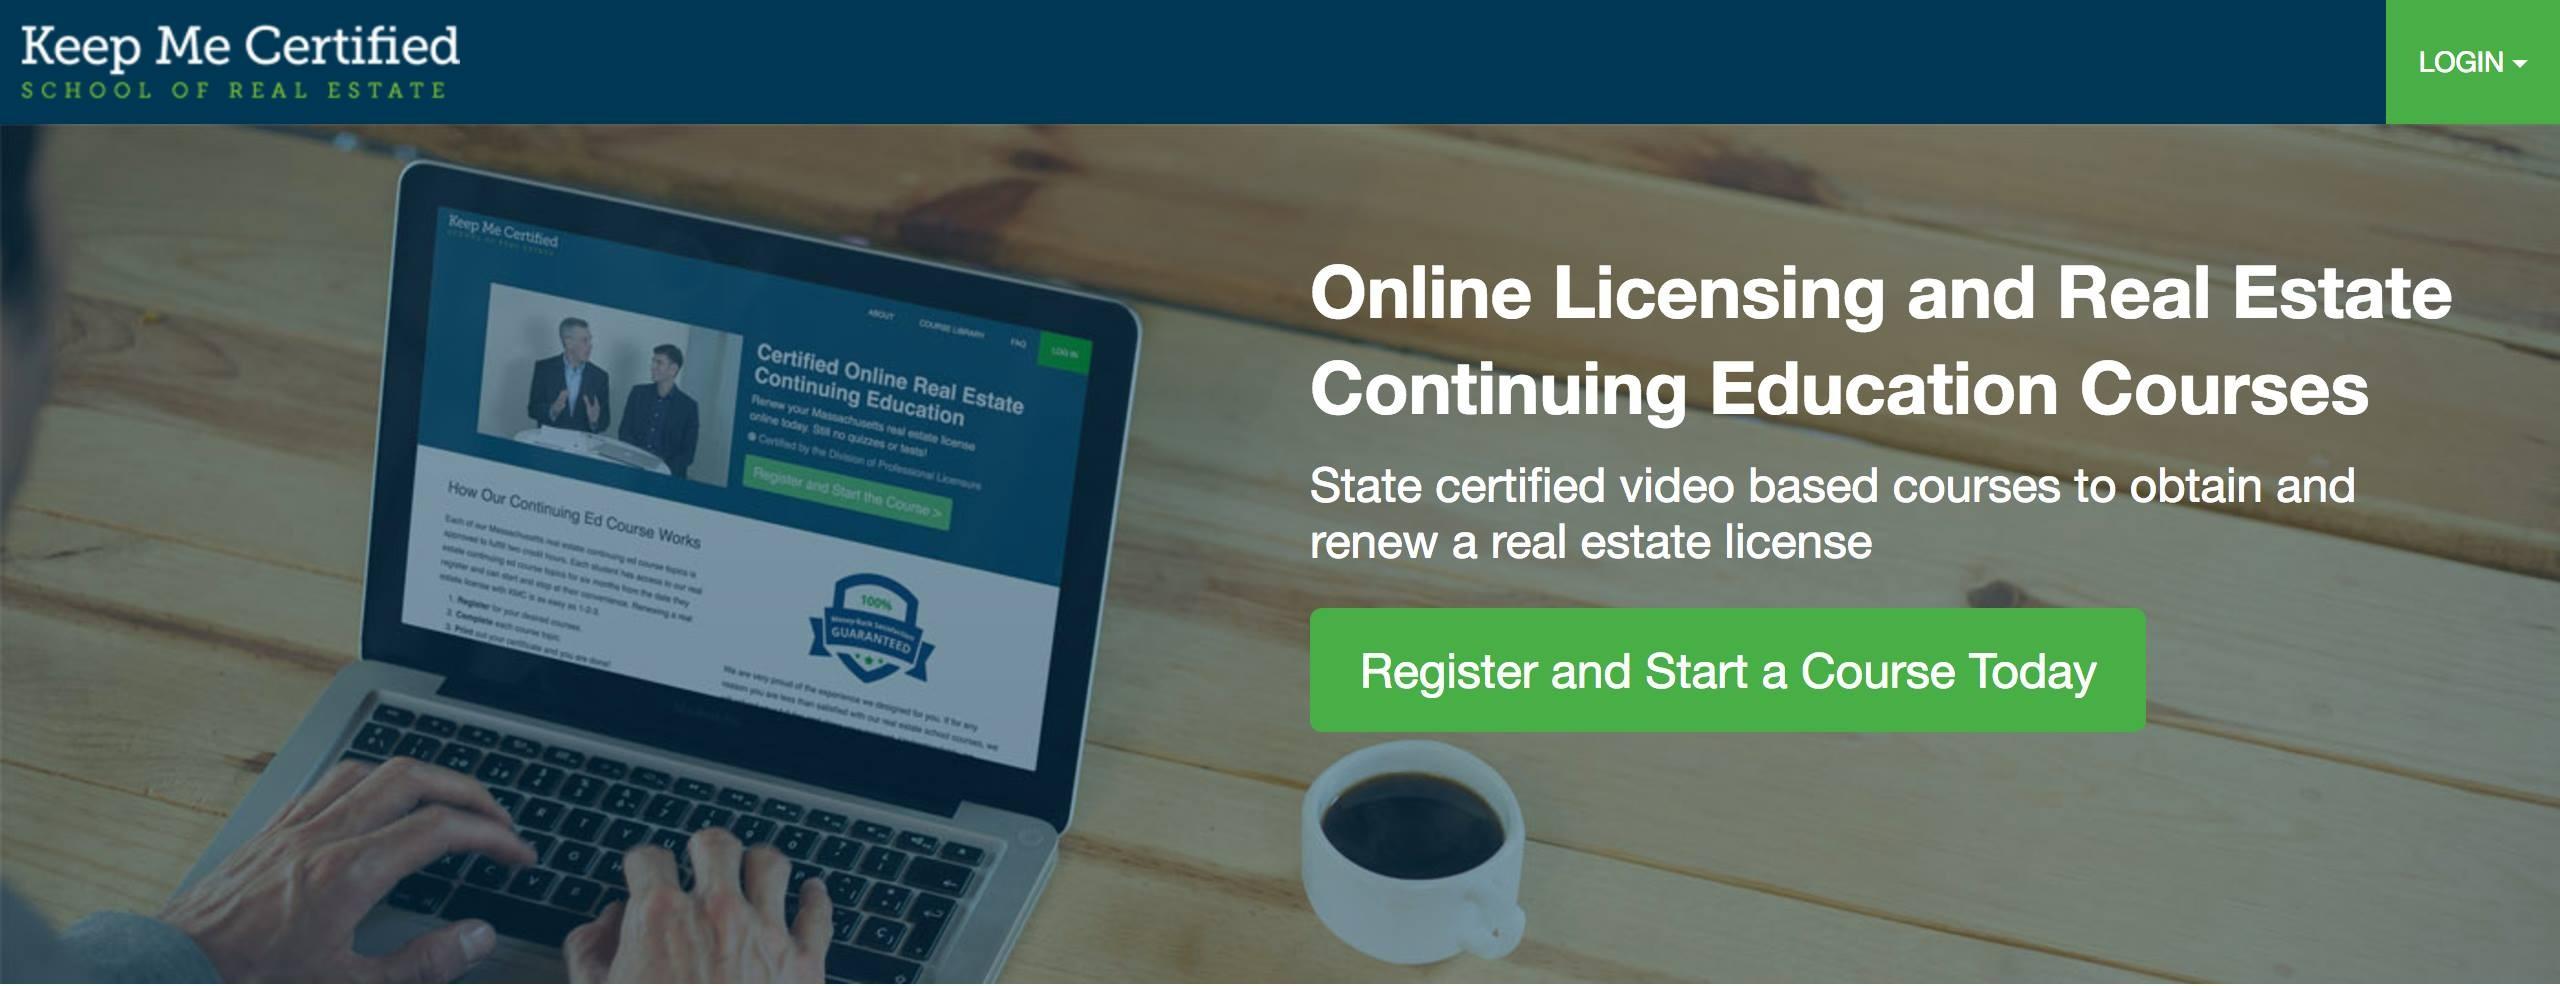 Keep Me Certified | Online Real Estate School | LinkedIn